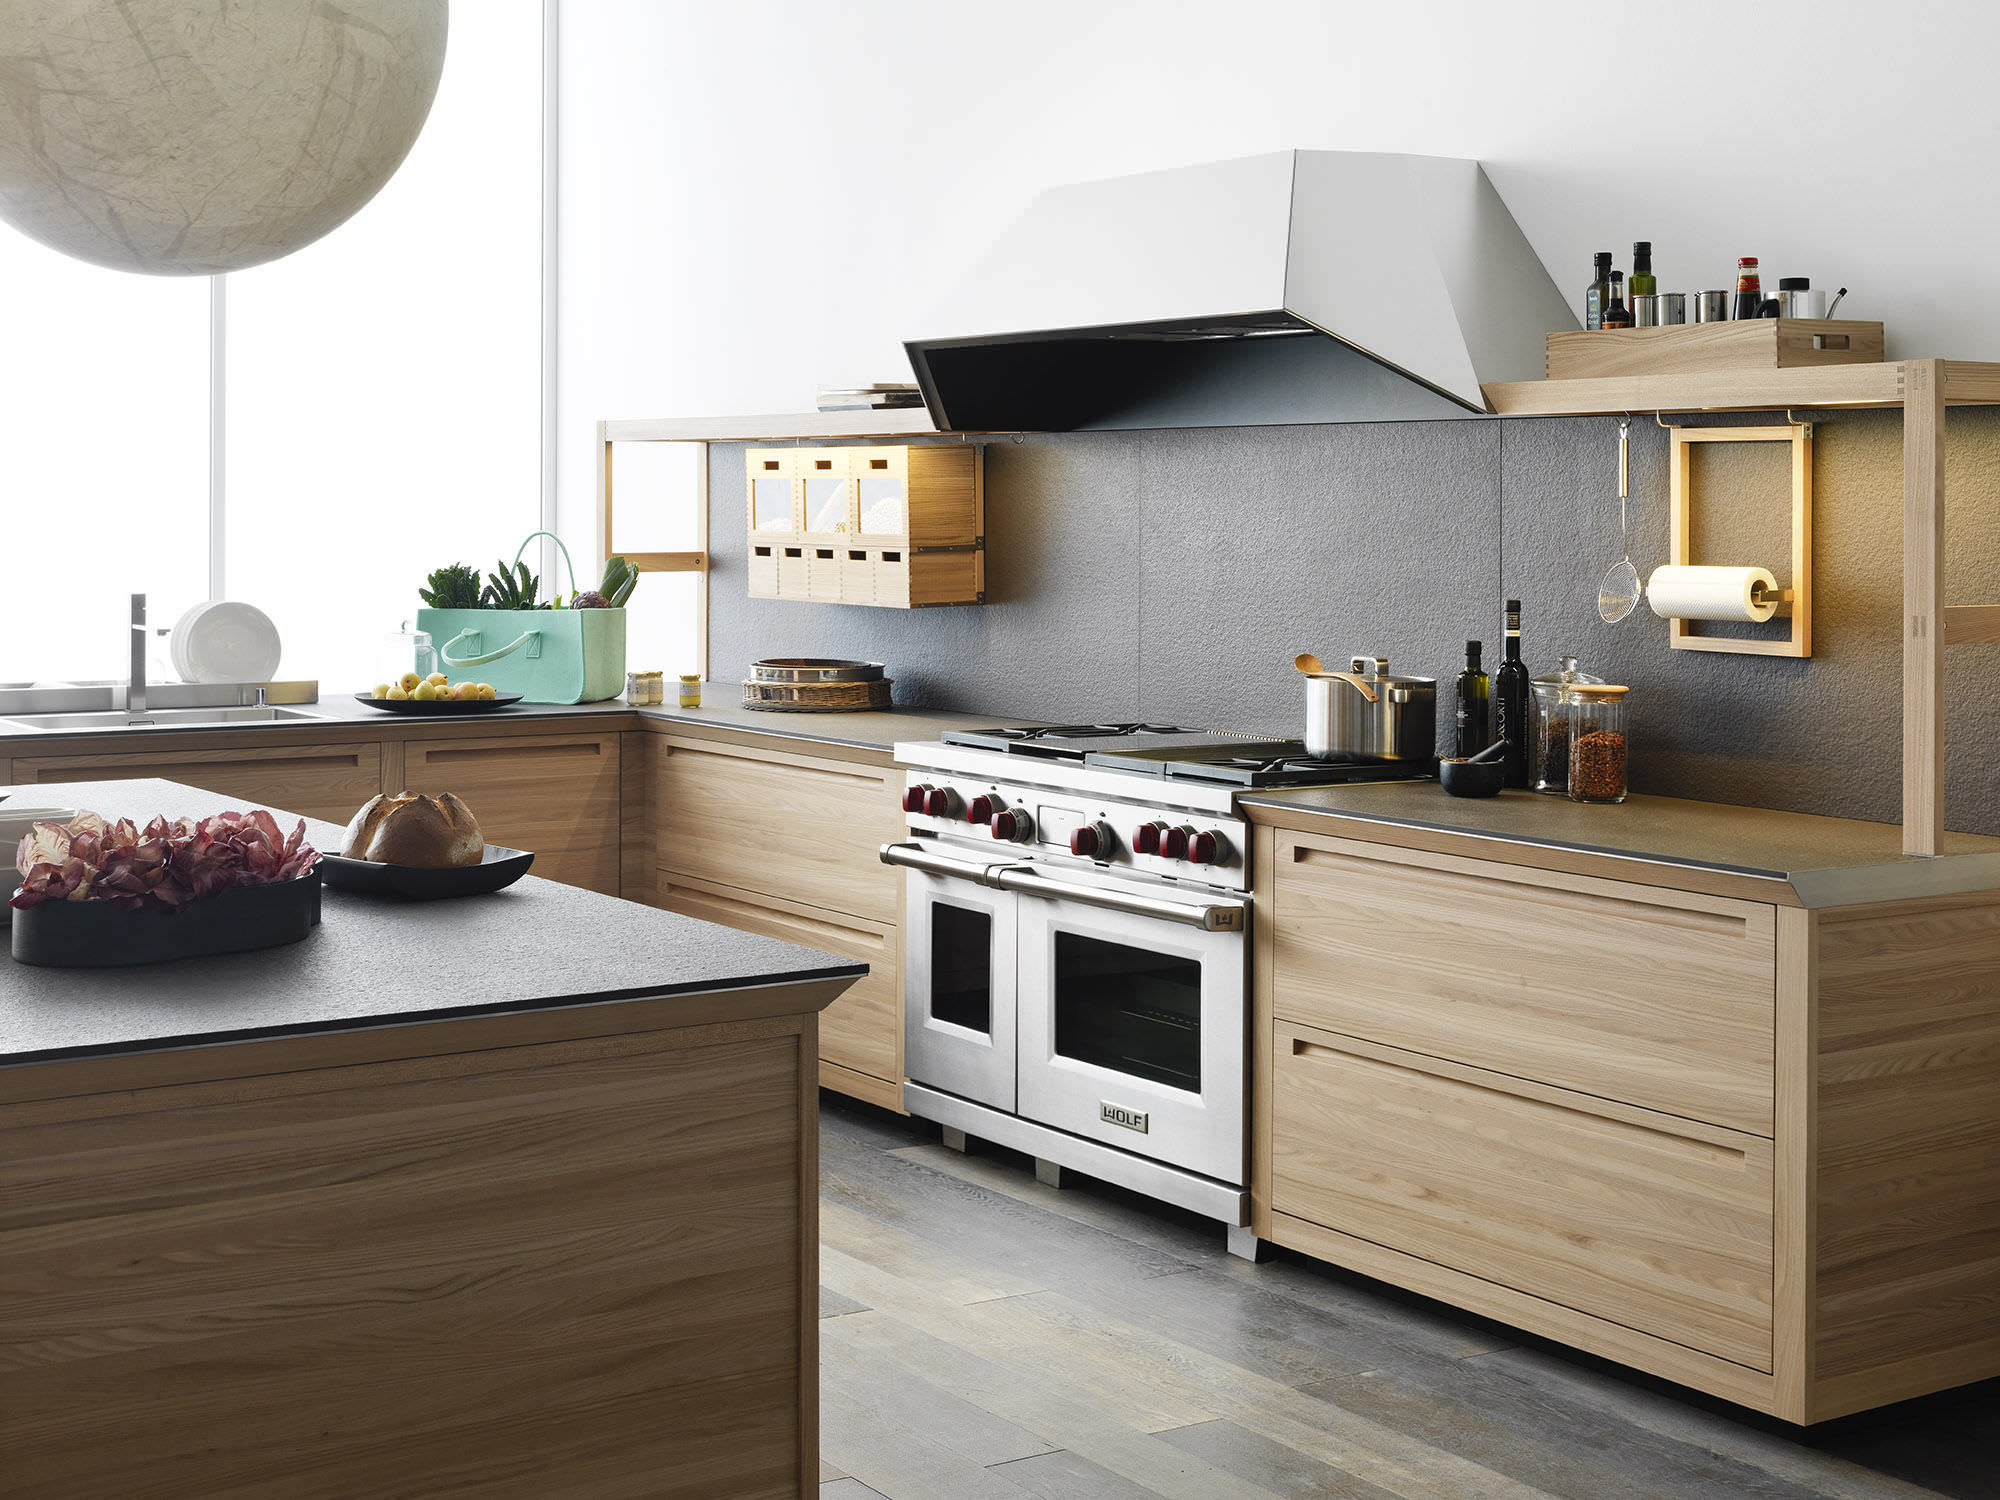 Cuisine bois et marbre - sofag